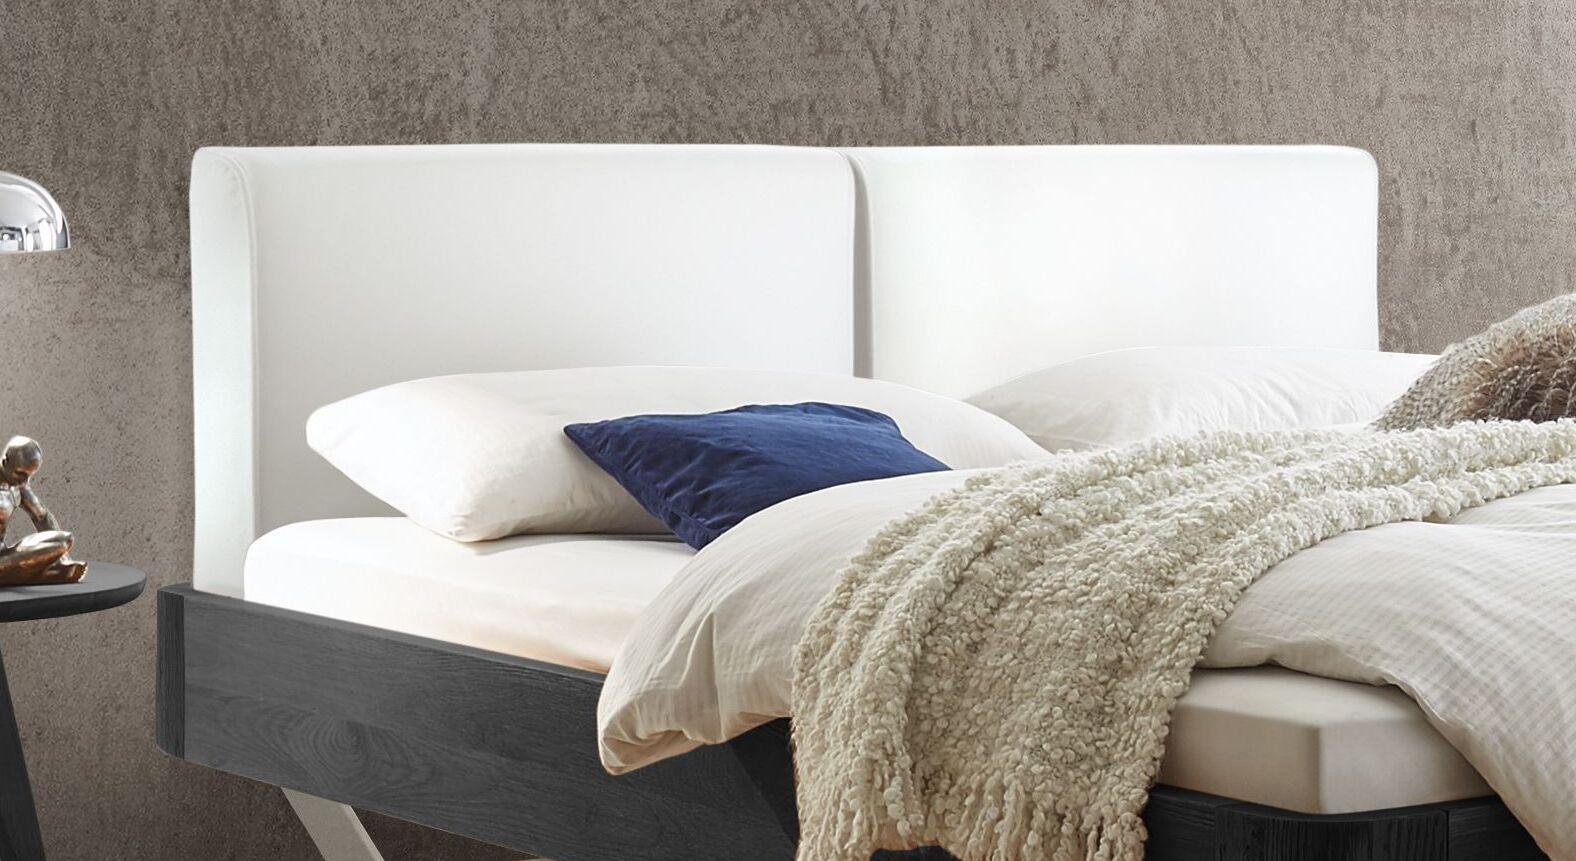 Bett Poncas mit weißem Kopfteil aus Luxus-Kunstleder